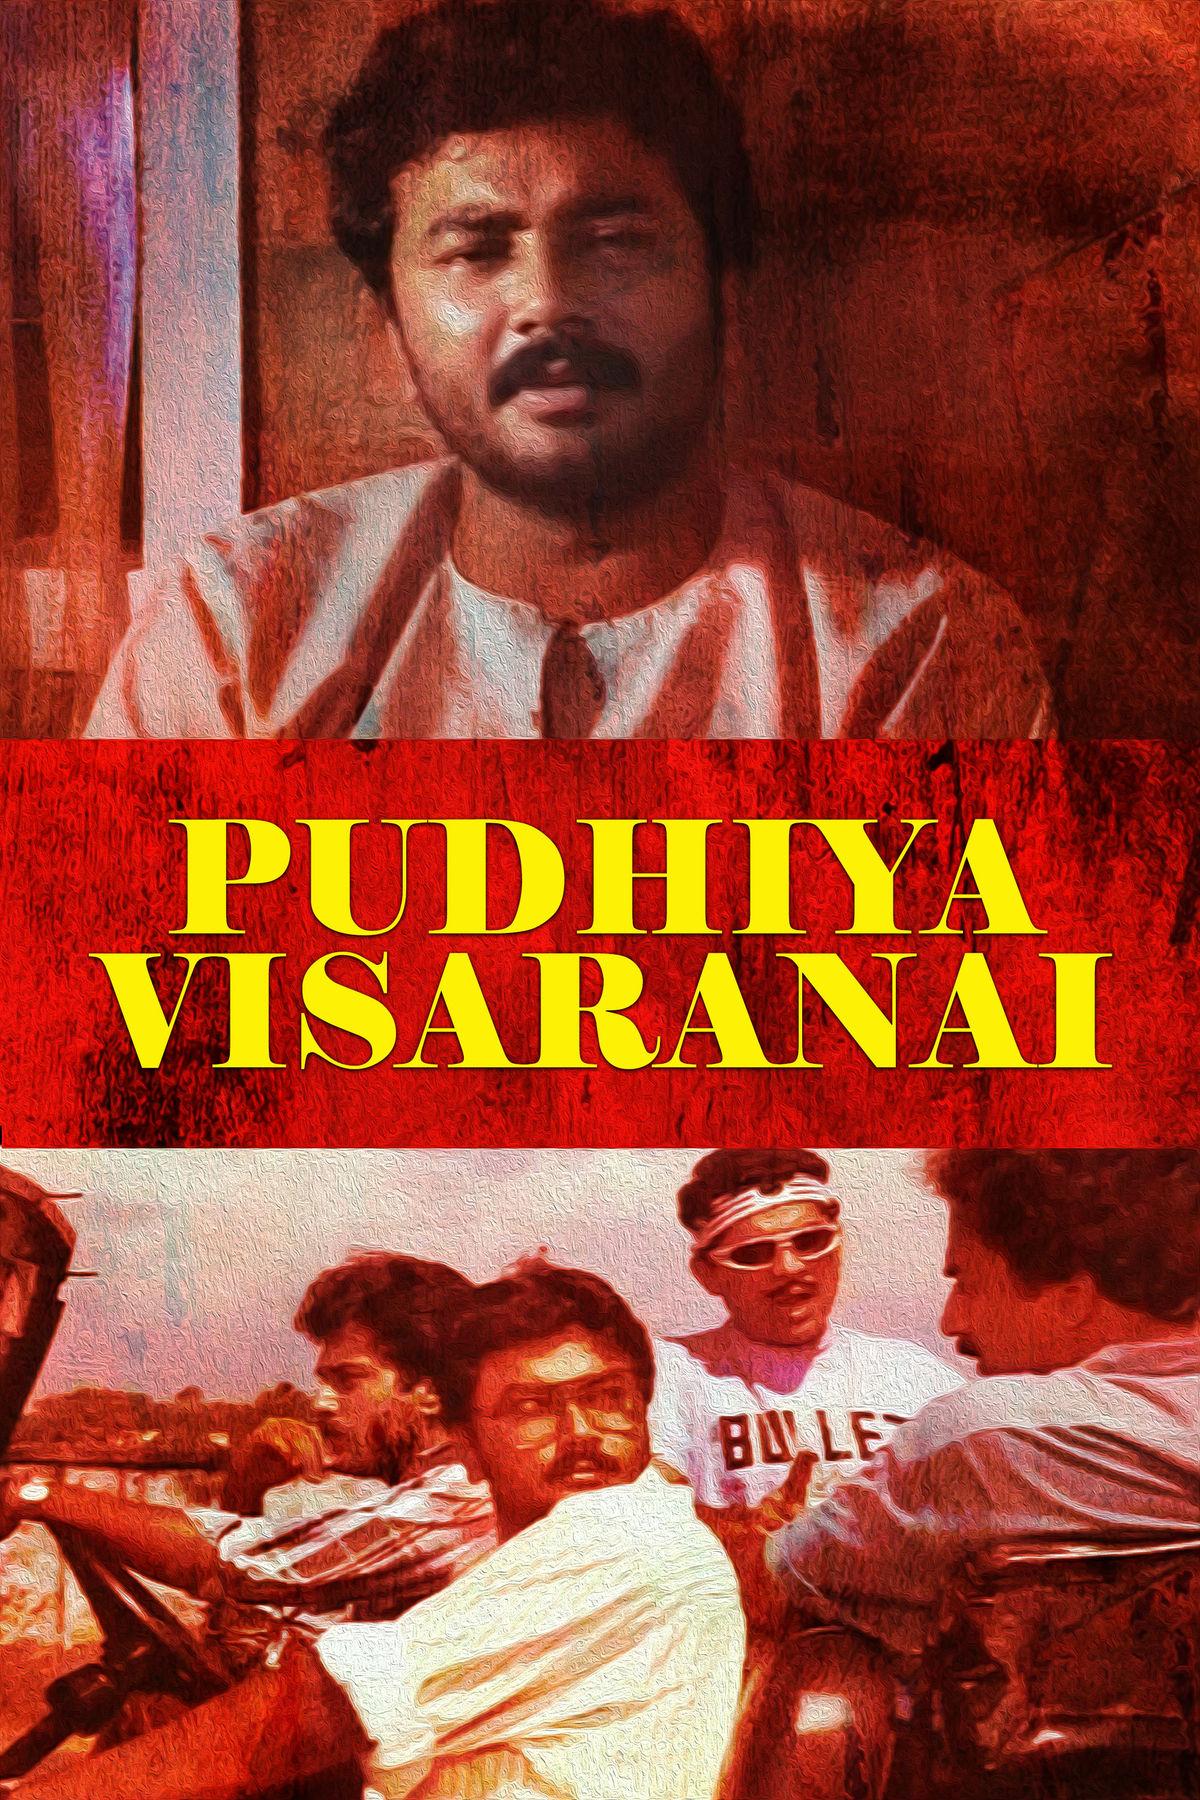 Pudhiya Visaranai